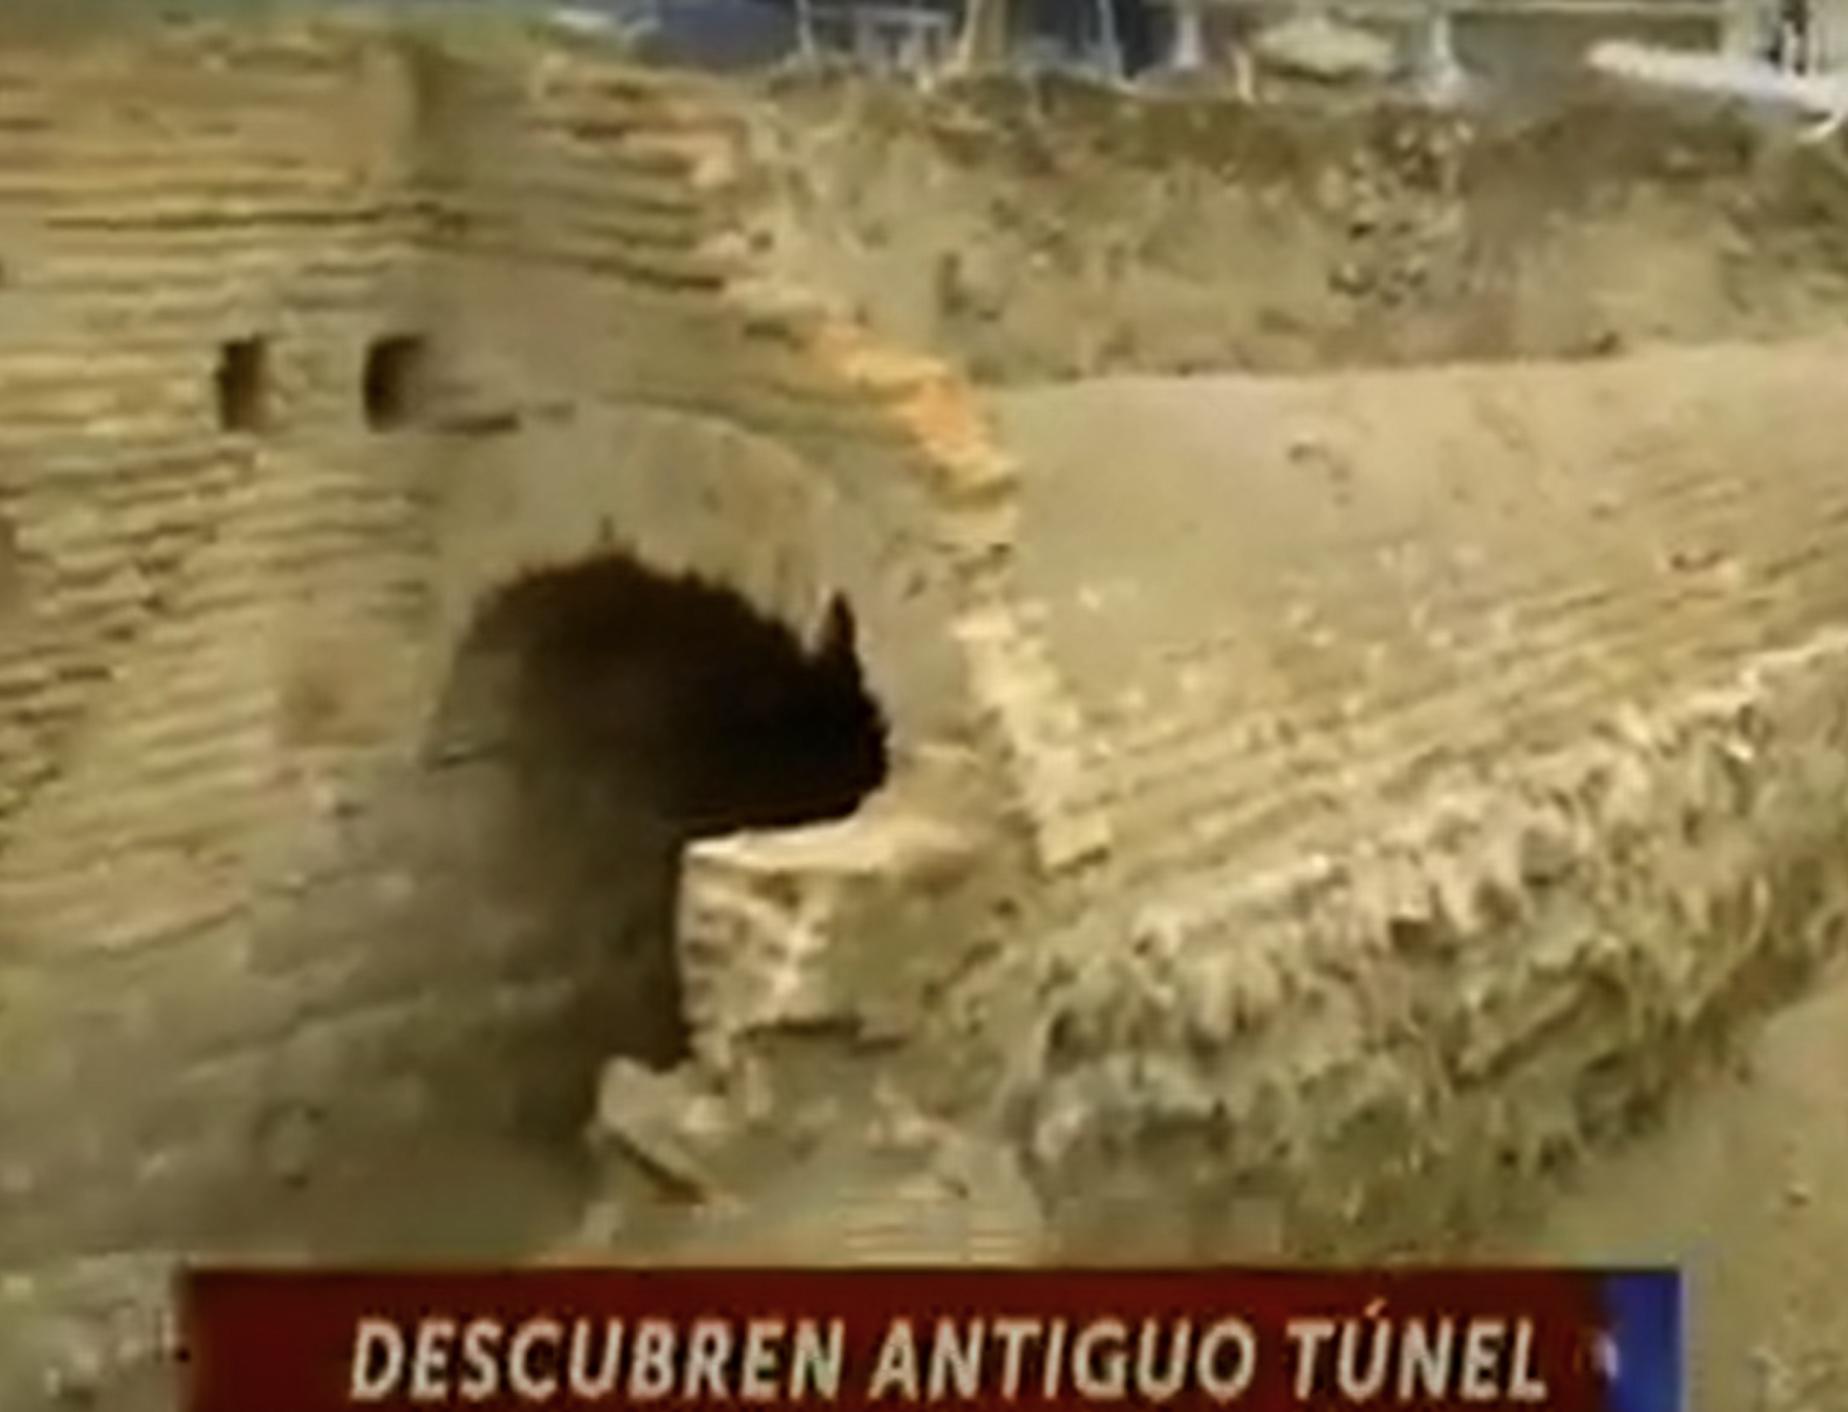 Descubren antiguo túnel.